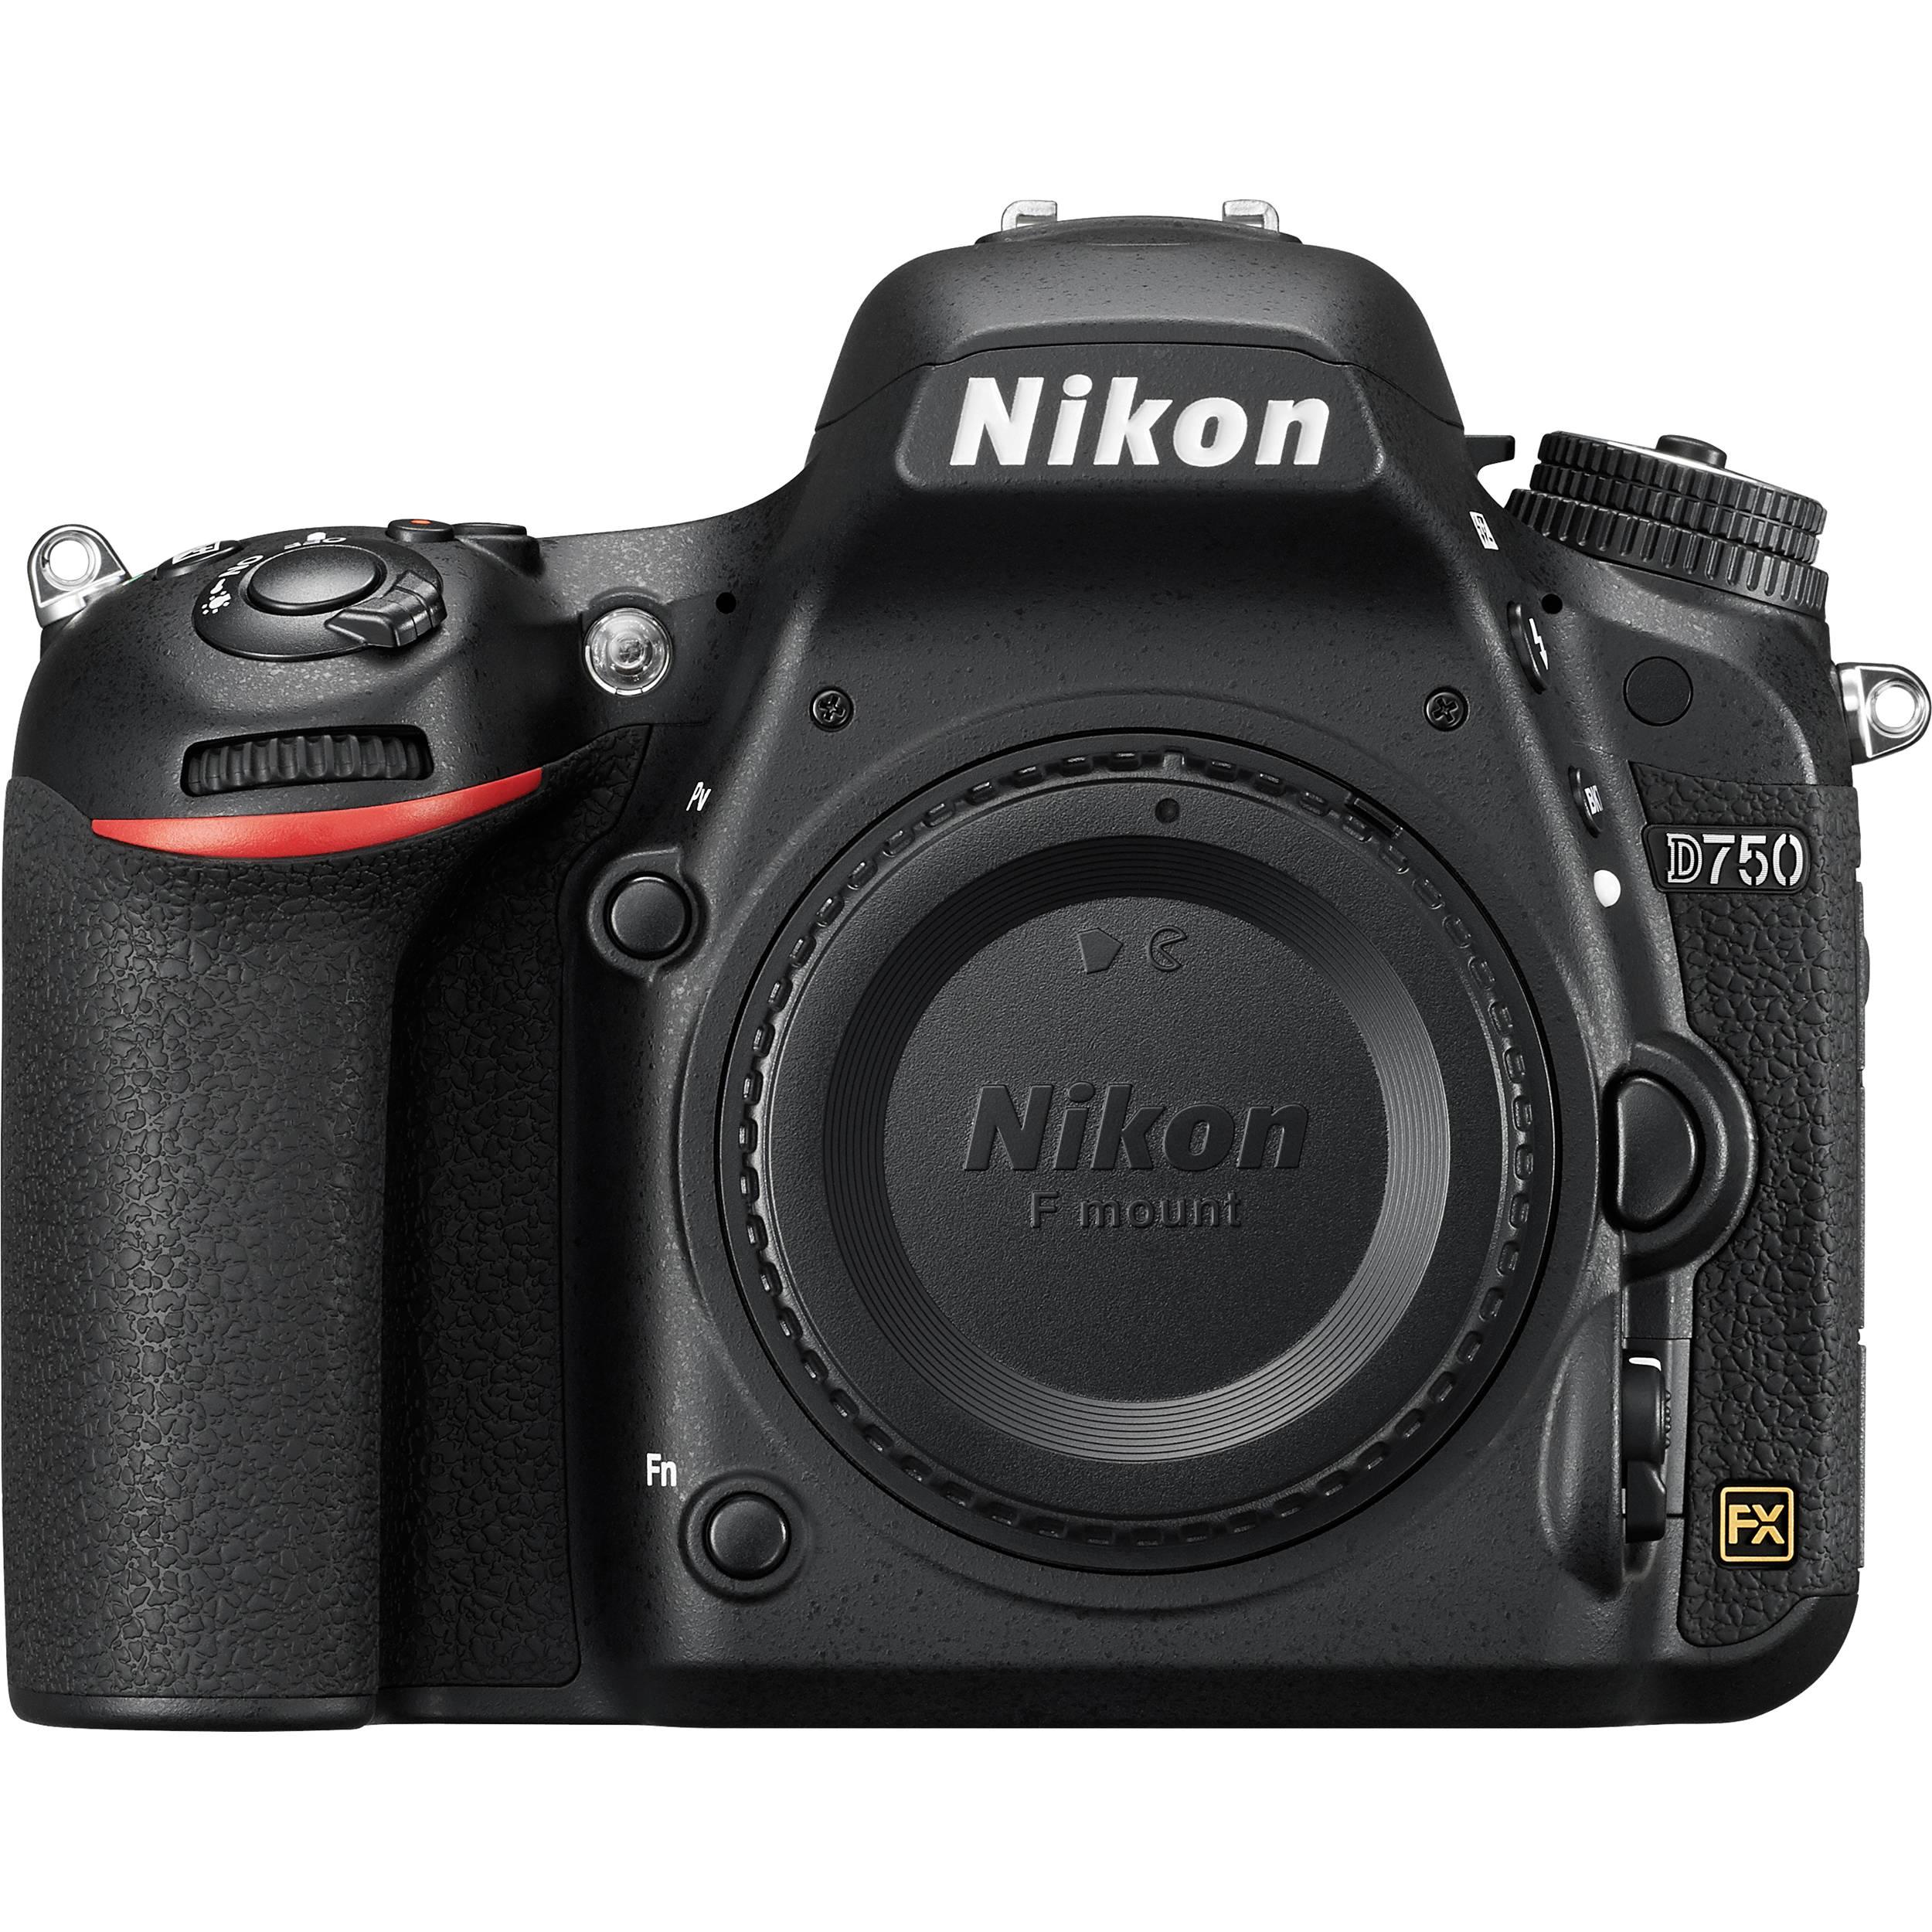 Camera Best Deals On Dslr Cameras In Usa dslr cameras digital slr bh photo nikon d750 camera body only refurbished